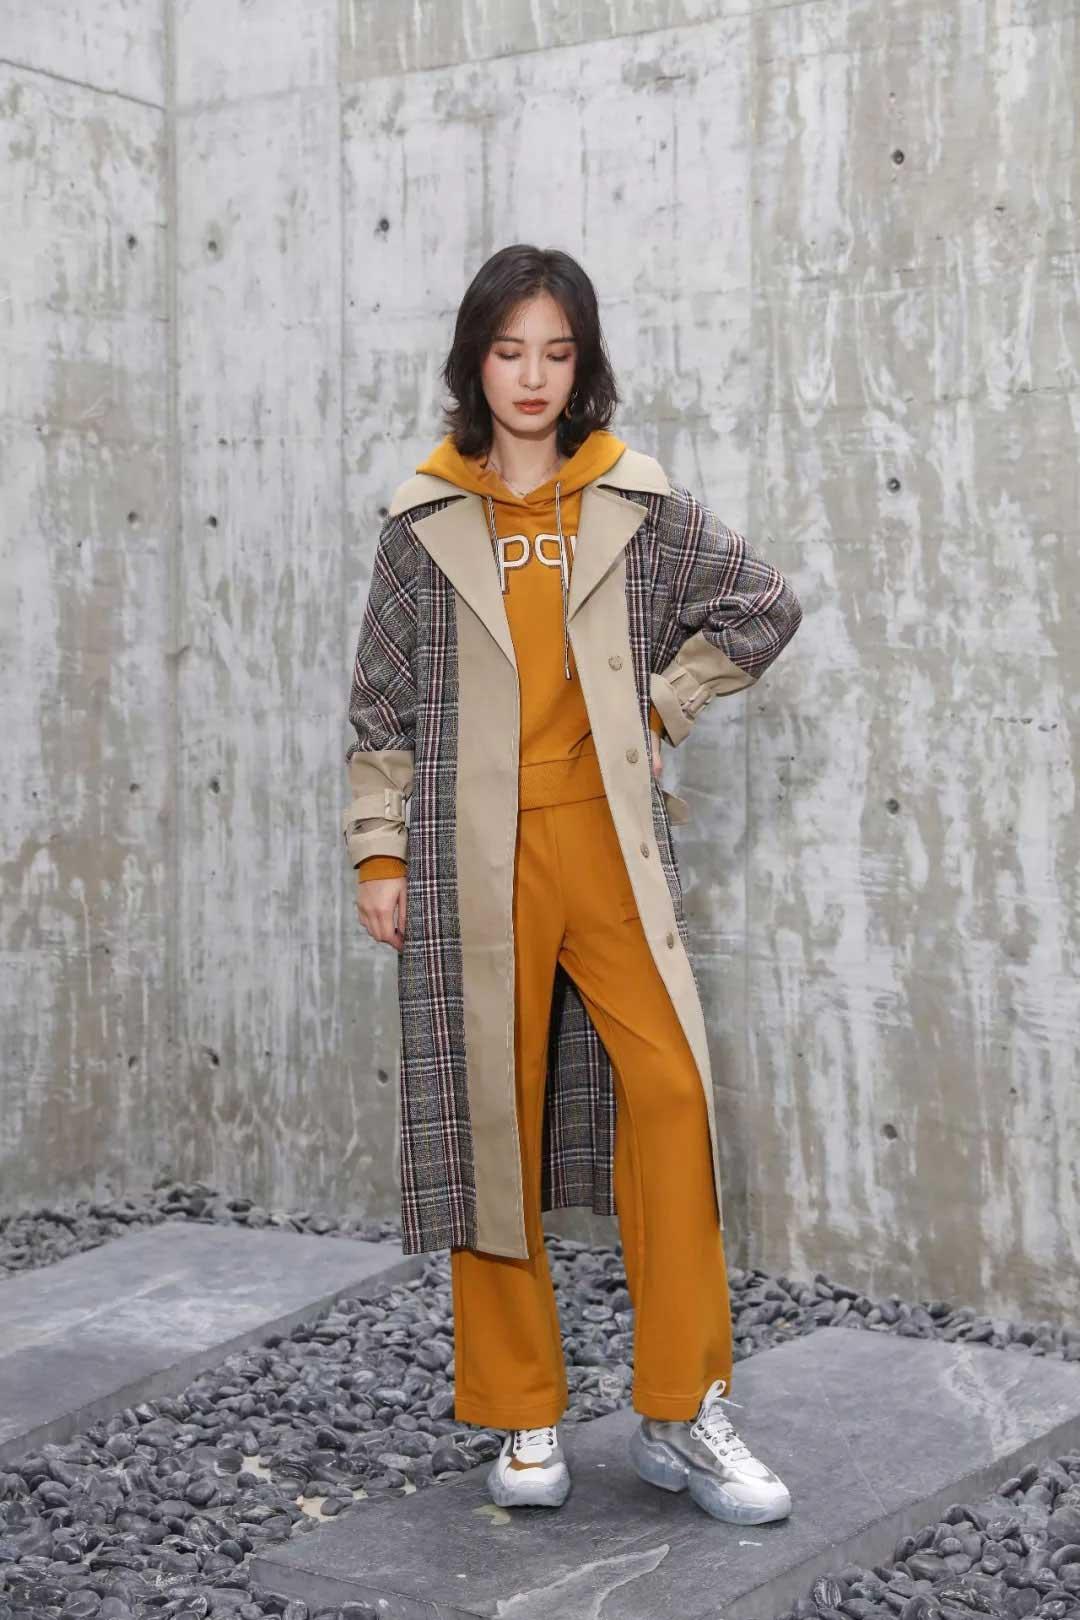 雀啡女装品牌2020春夏新款翻领千鸟格长款大衣